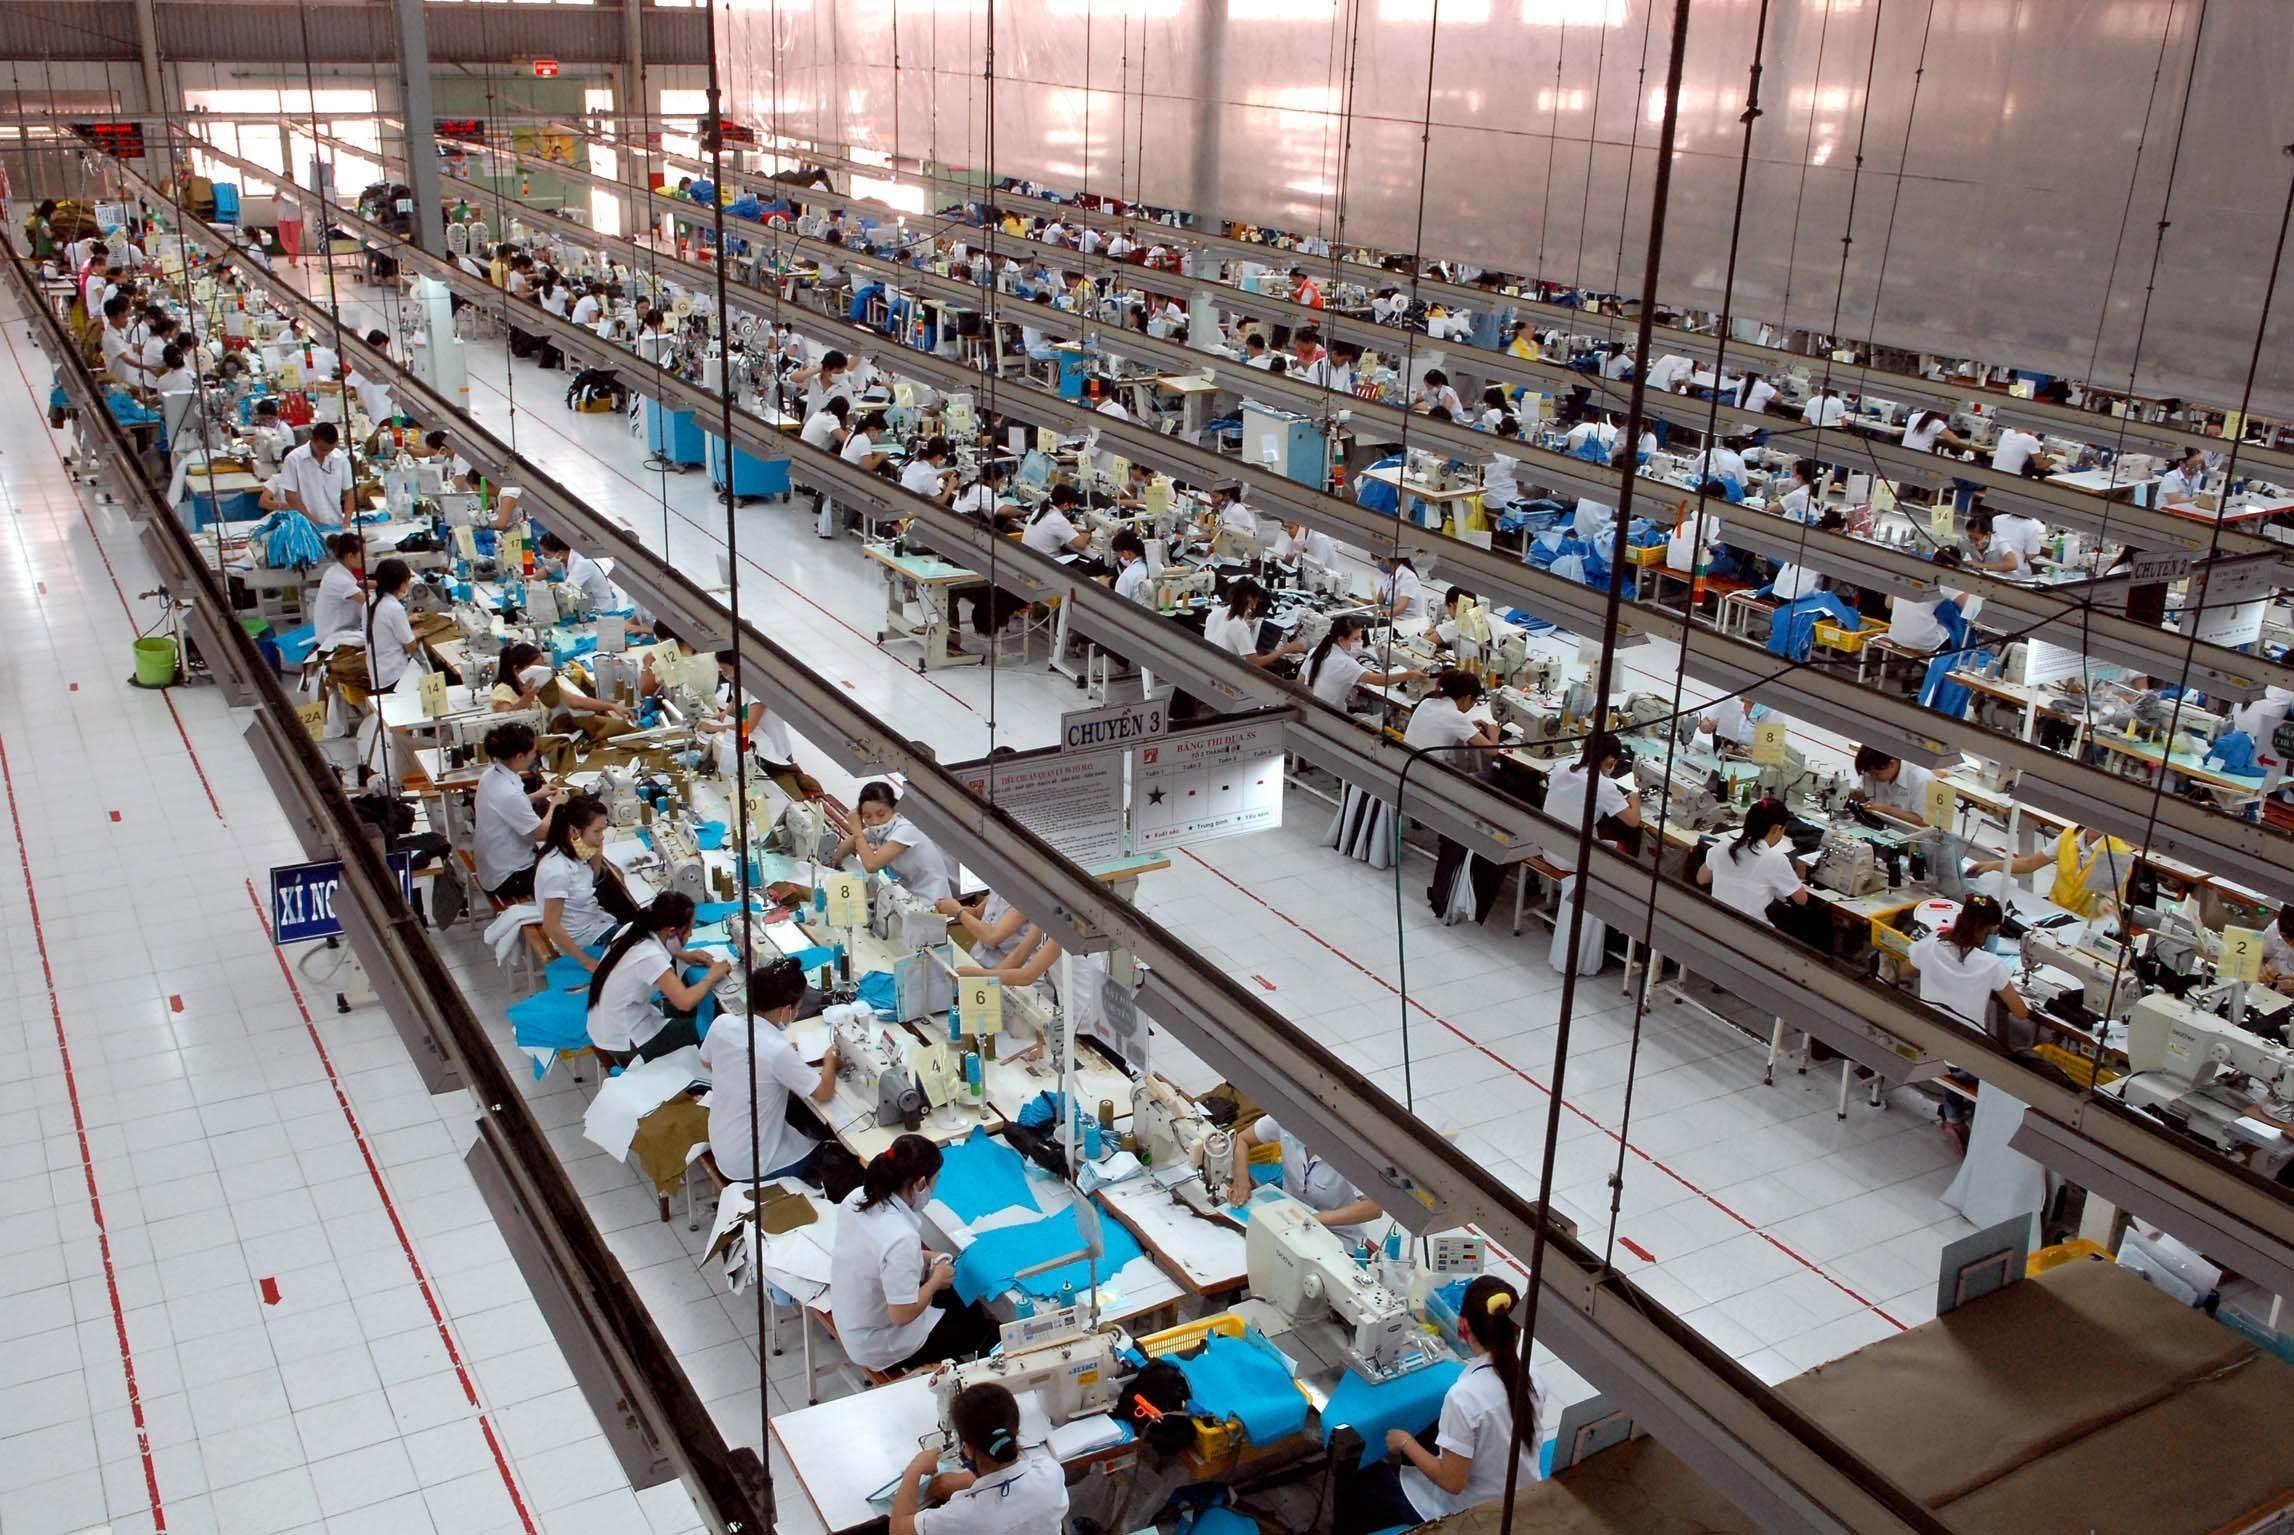 TP. HCM: Khoảng 100.000 - 120.000 người bị mất việc do dịch COVID-19